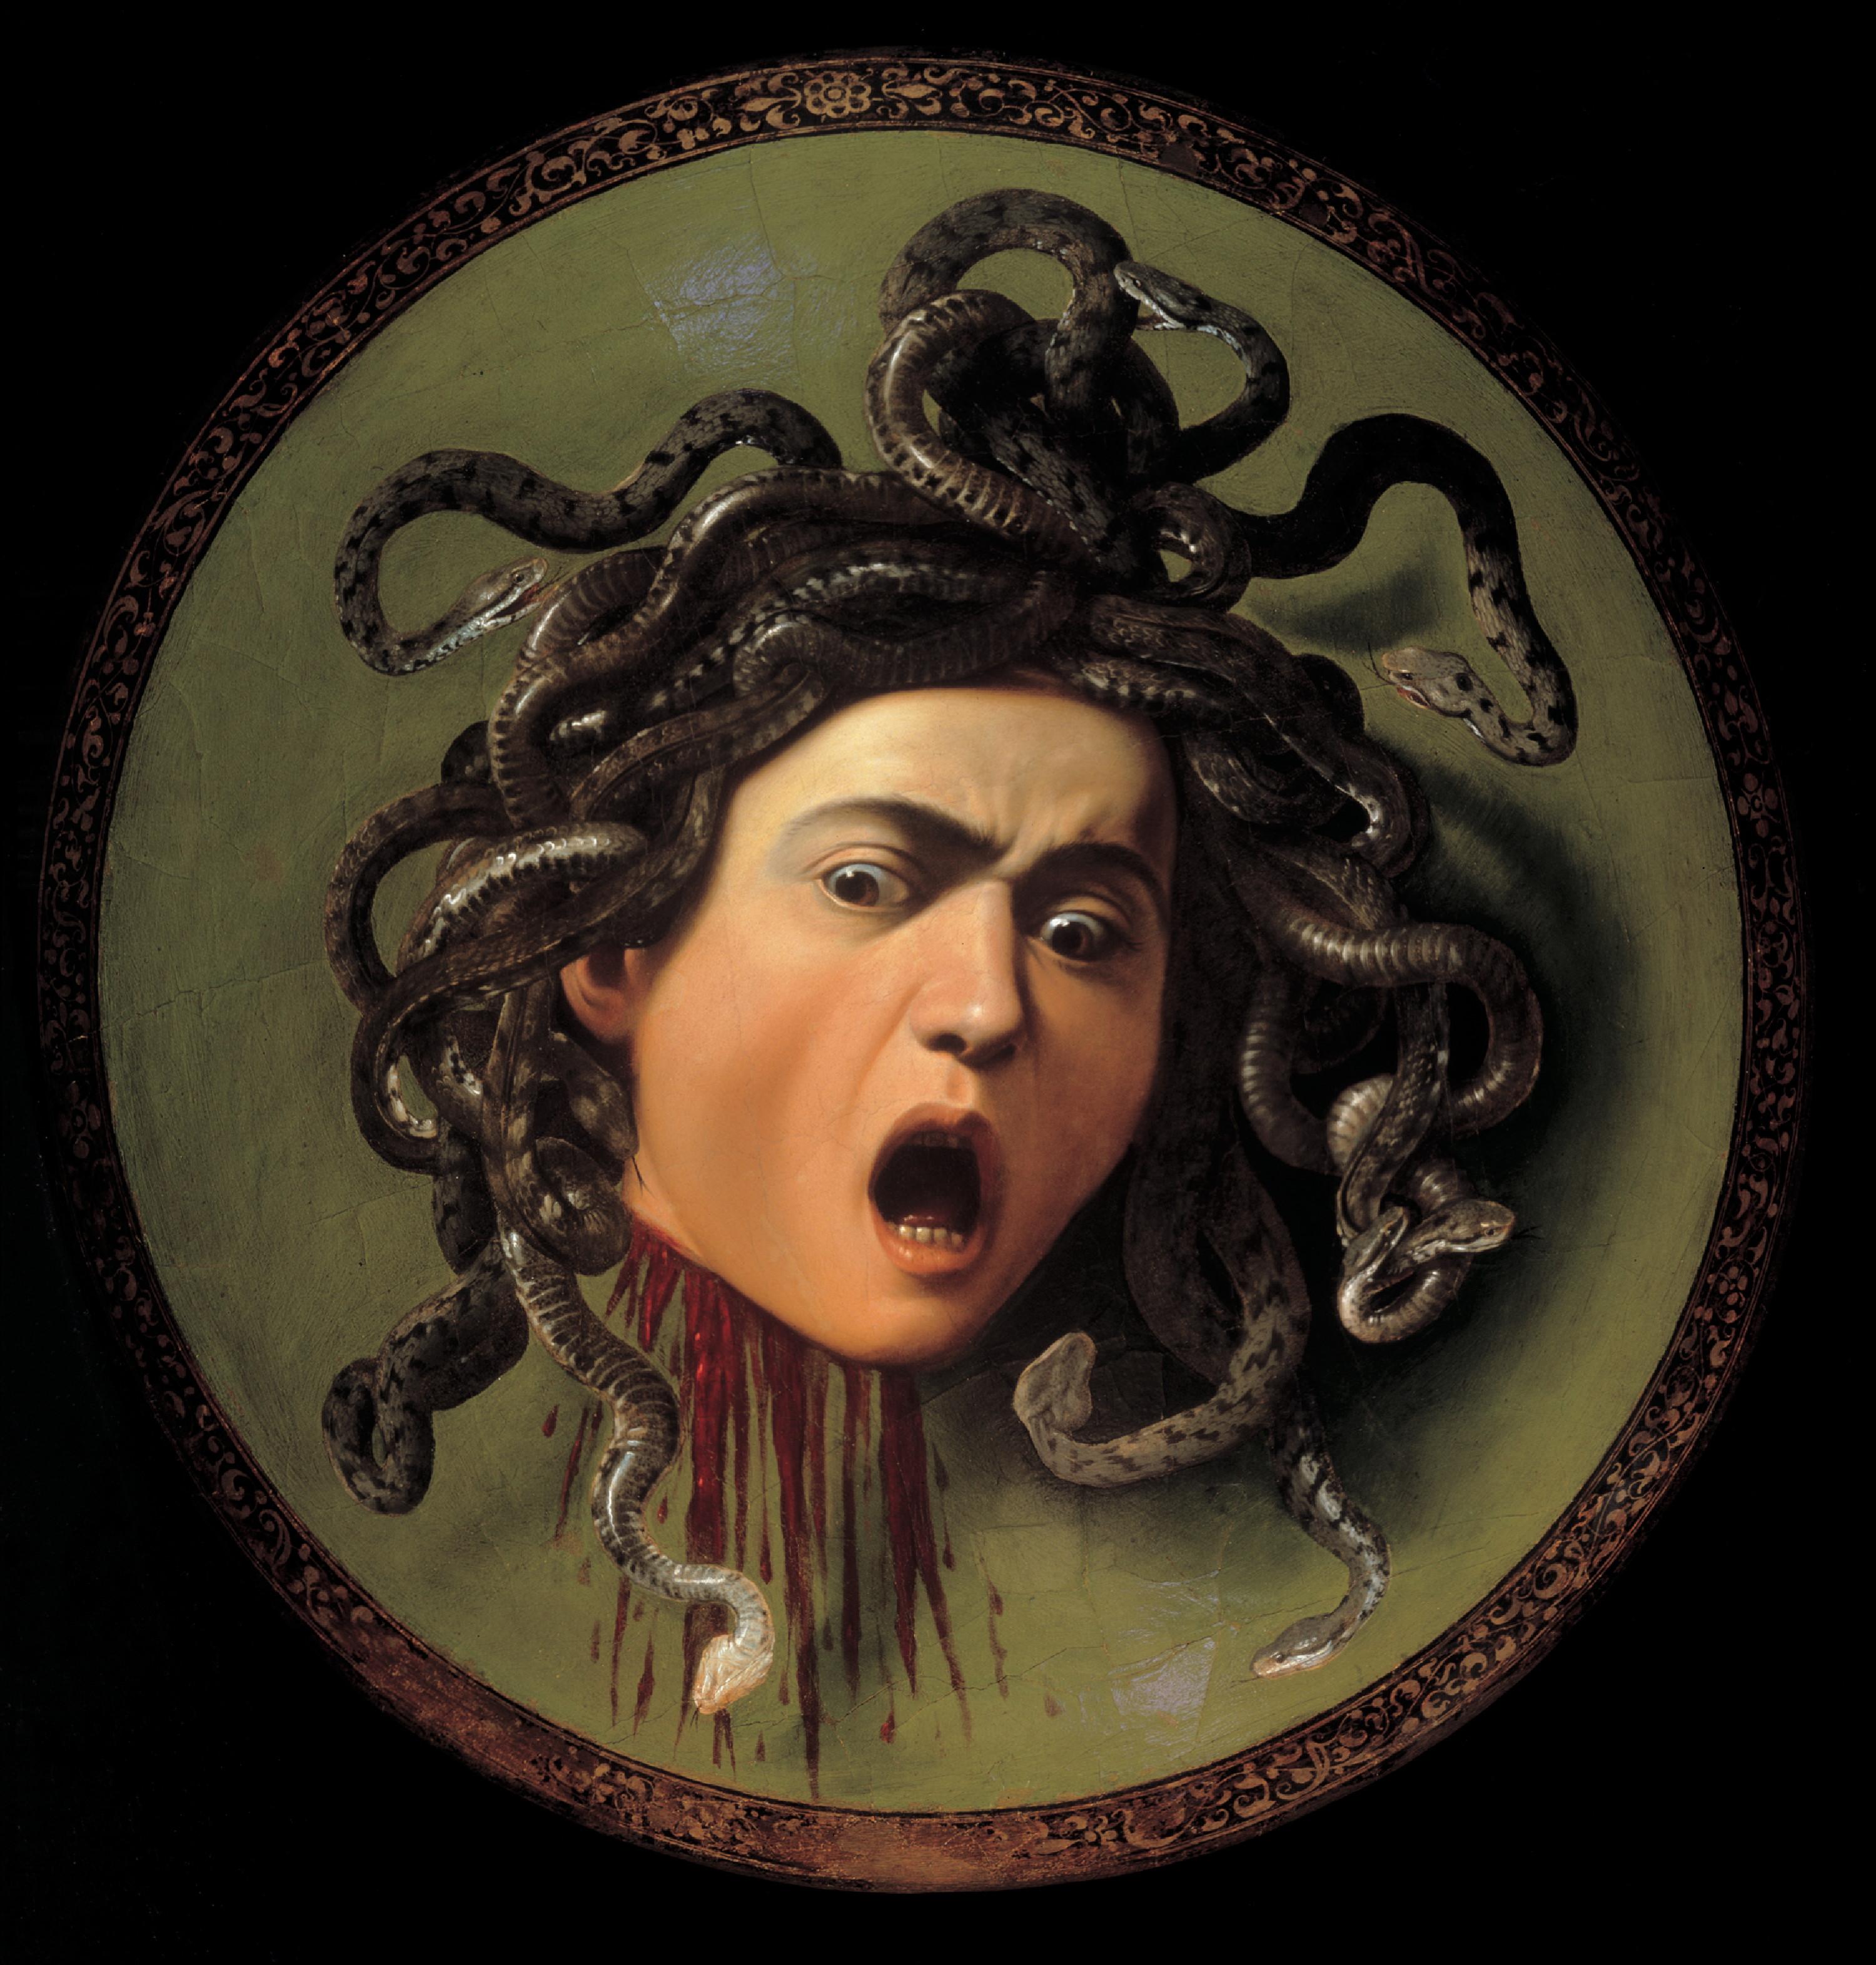 Caravaggio su ex abrupto for Medusa da colorare